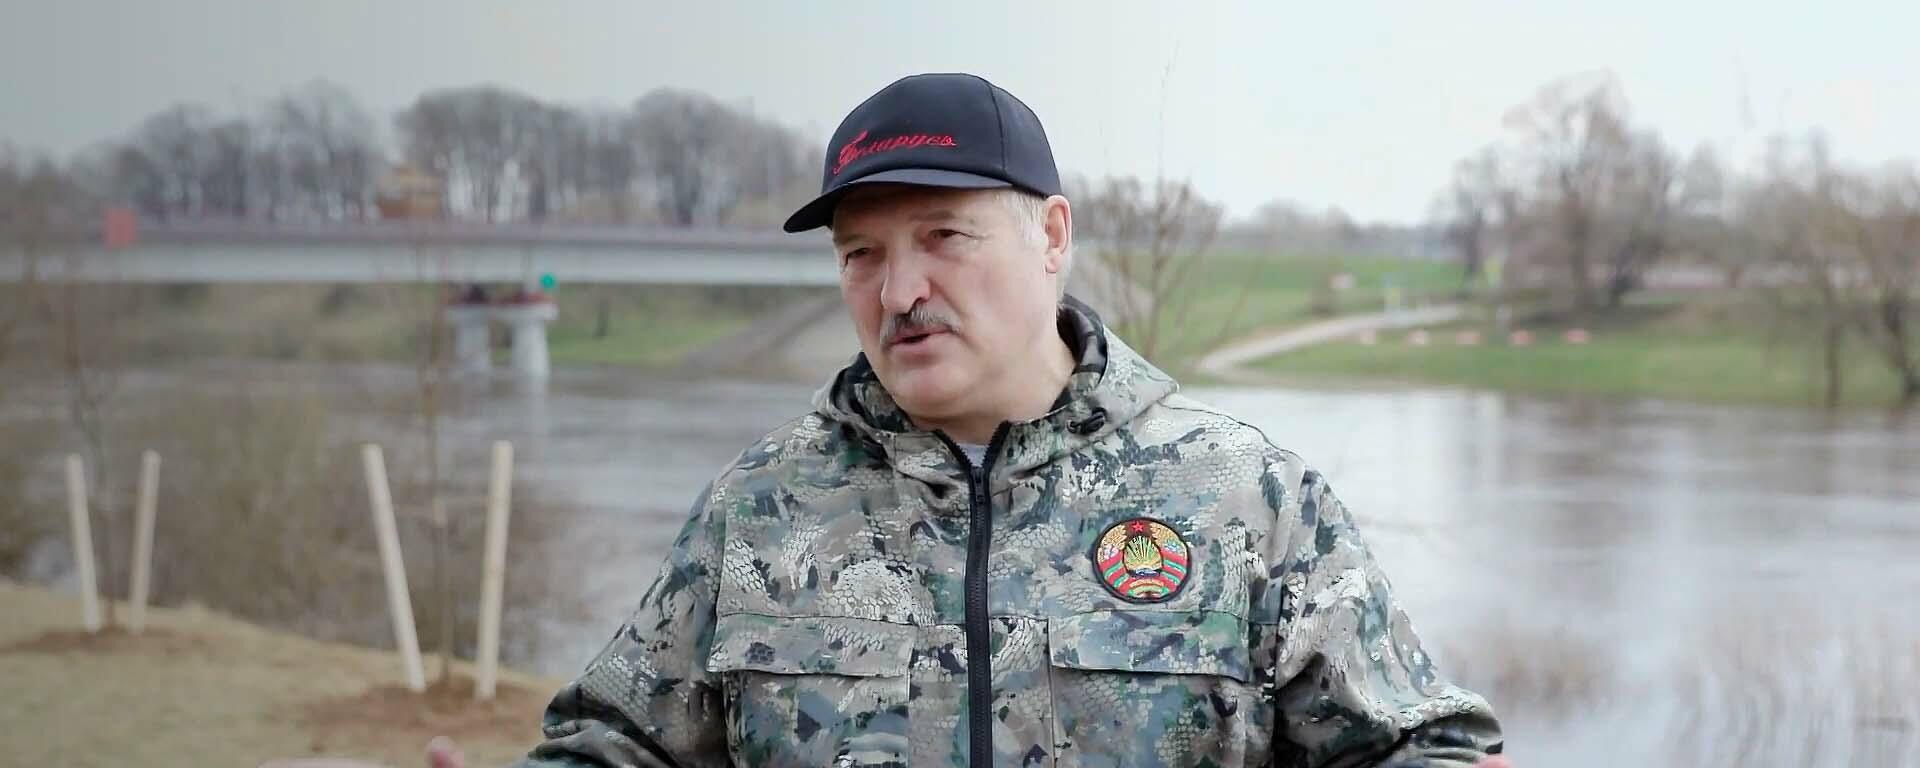 Лукашенко назвал виновных в попытке военного переворота - youtube  - Sputnik Тоҷикистон, 1920, 19.04.2021